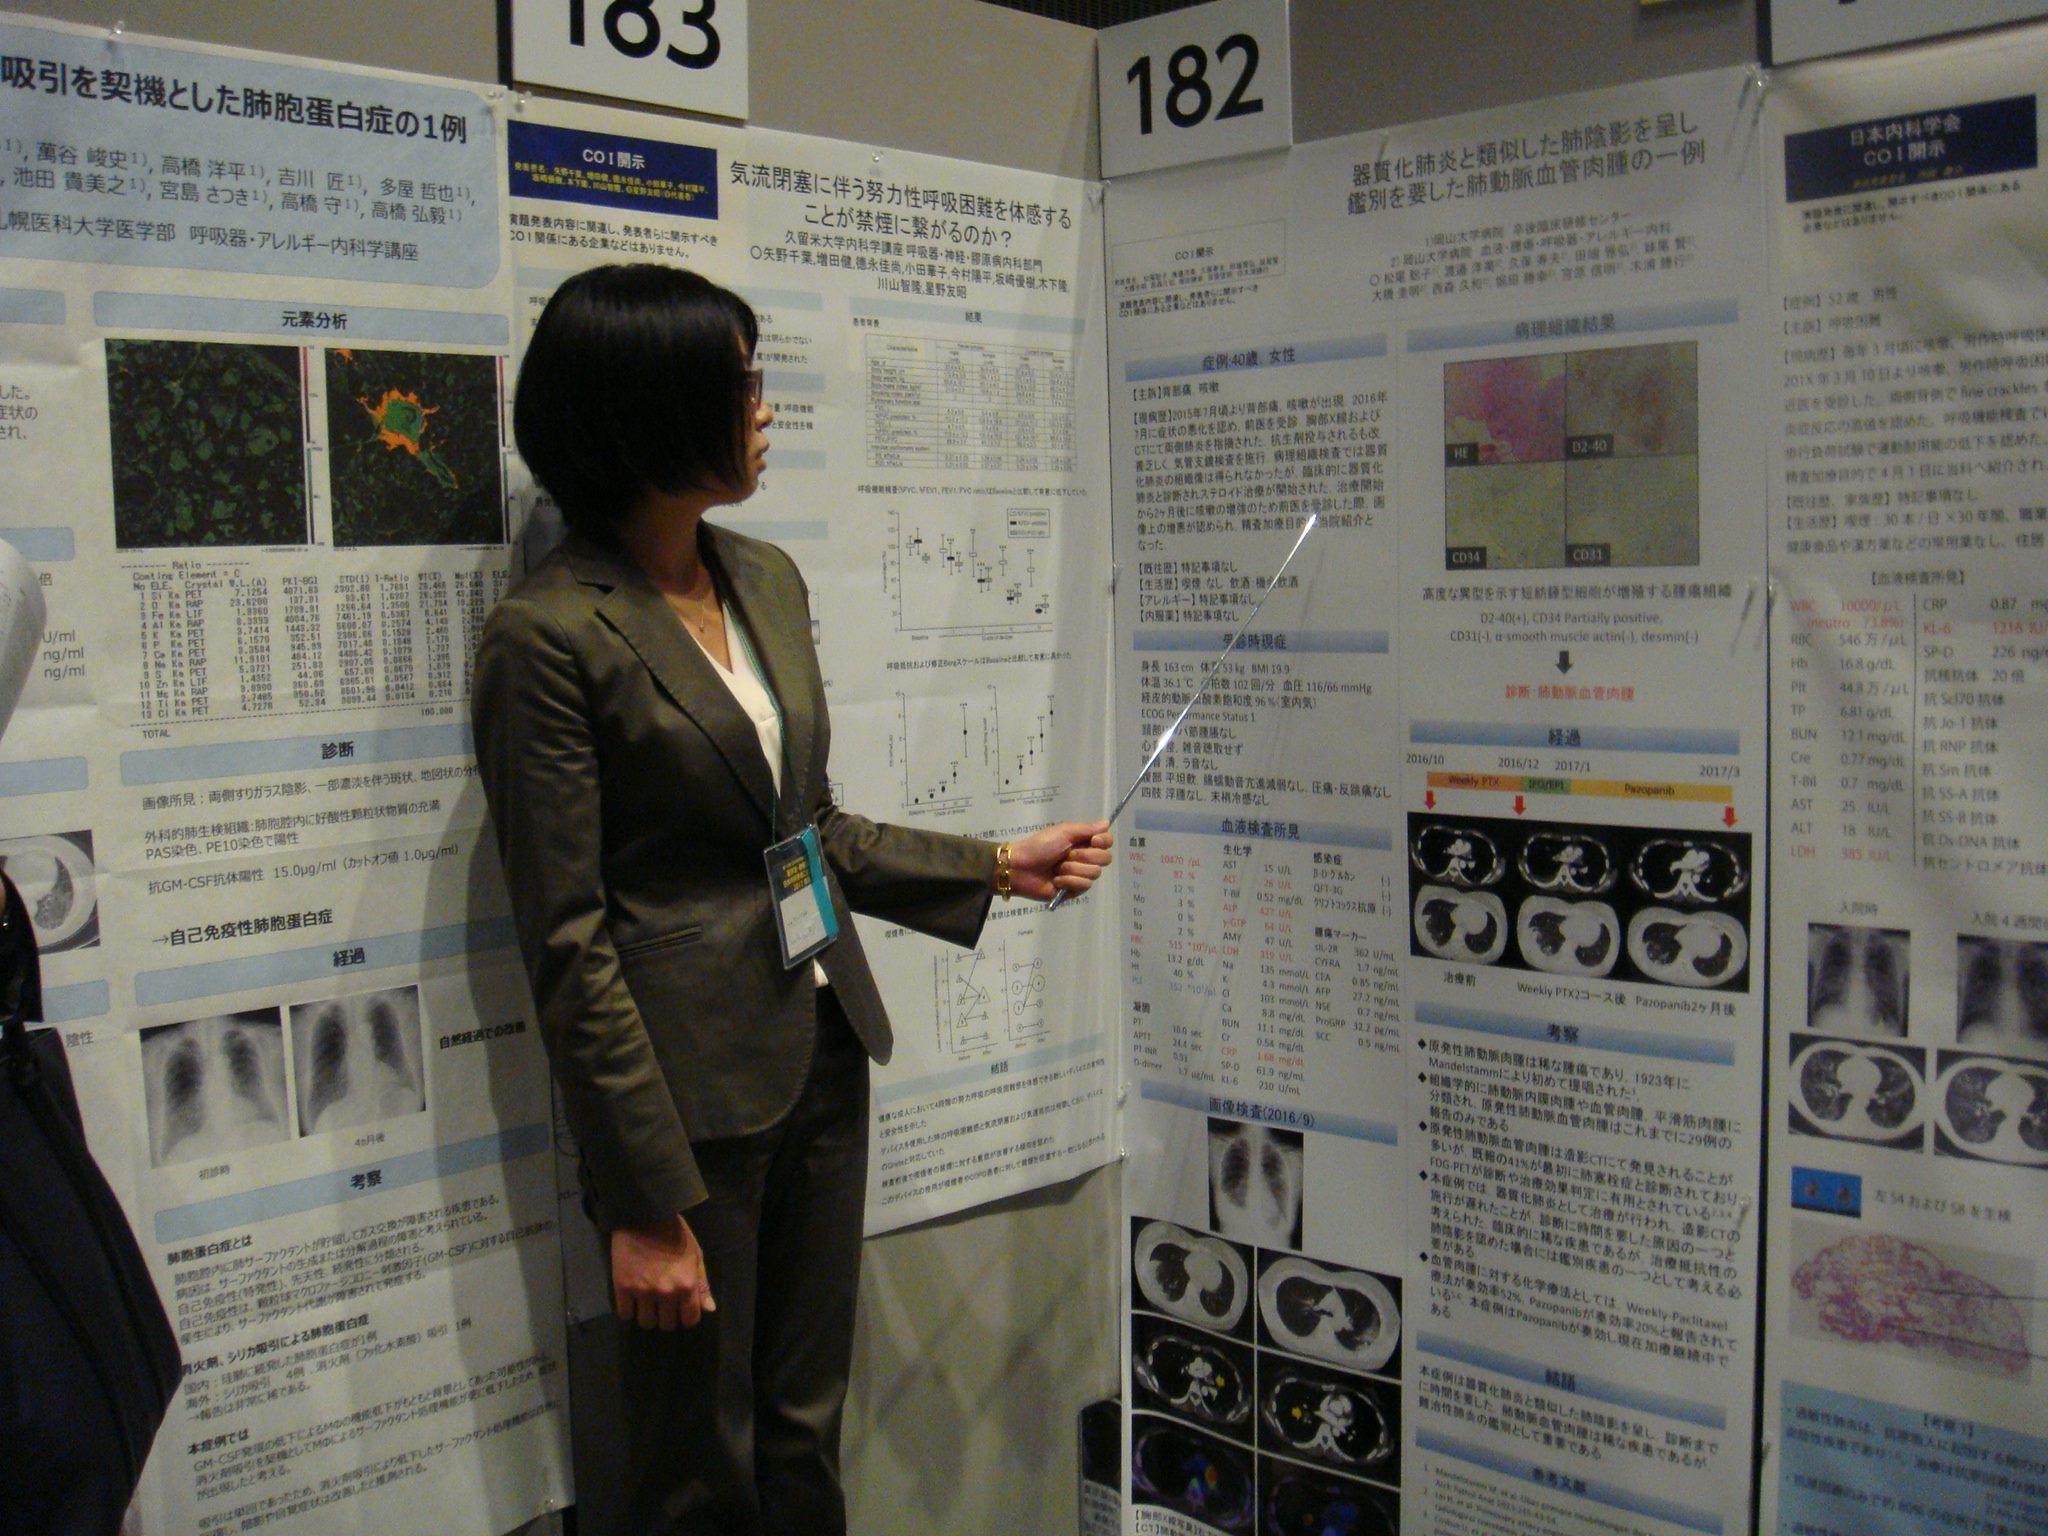 第114回日本内科学会総会(松尾聡子先生)